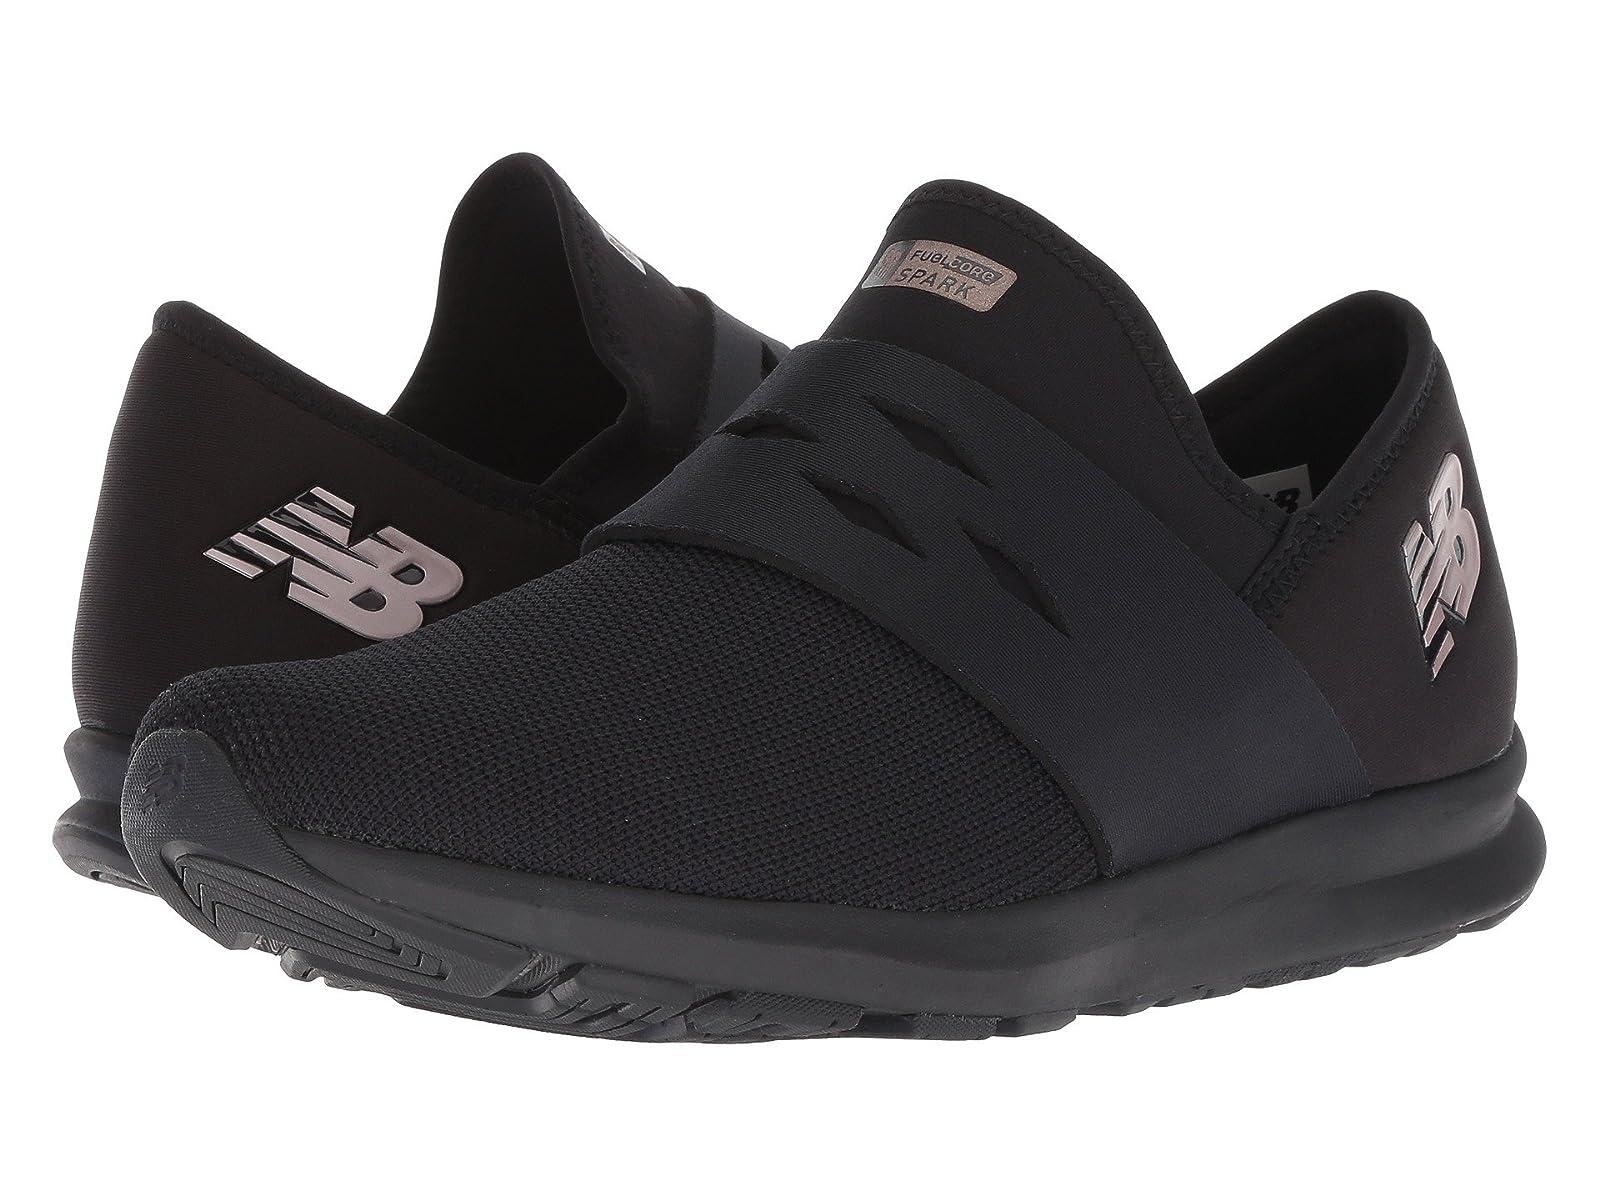 New Balance Spark v1Atmospheric grades have affordable shoes